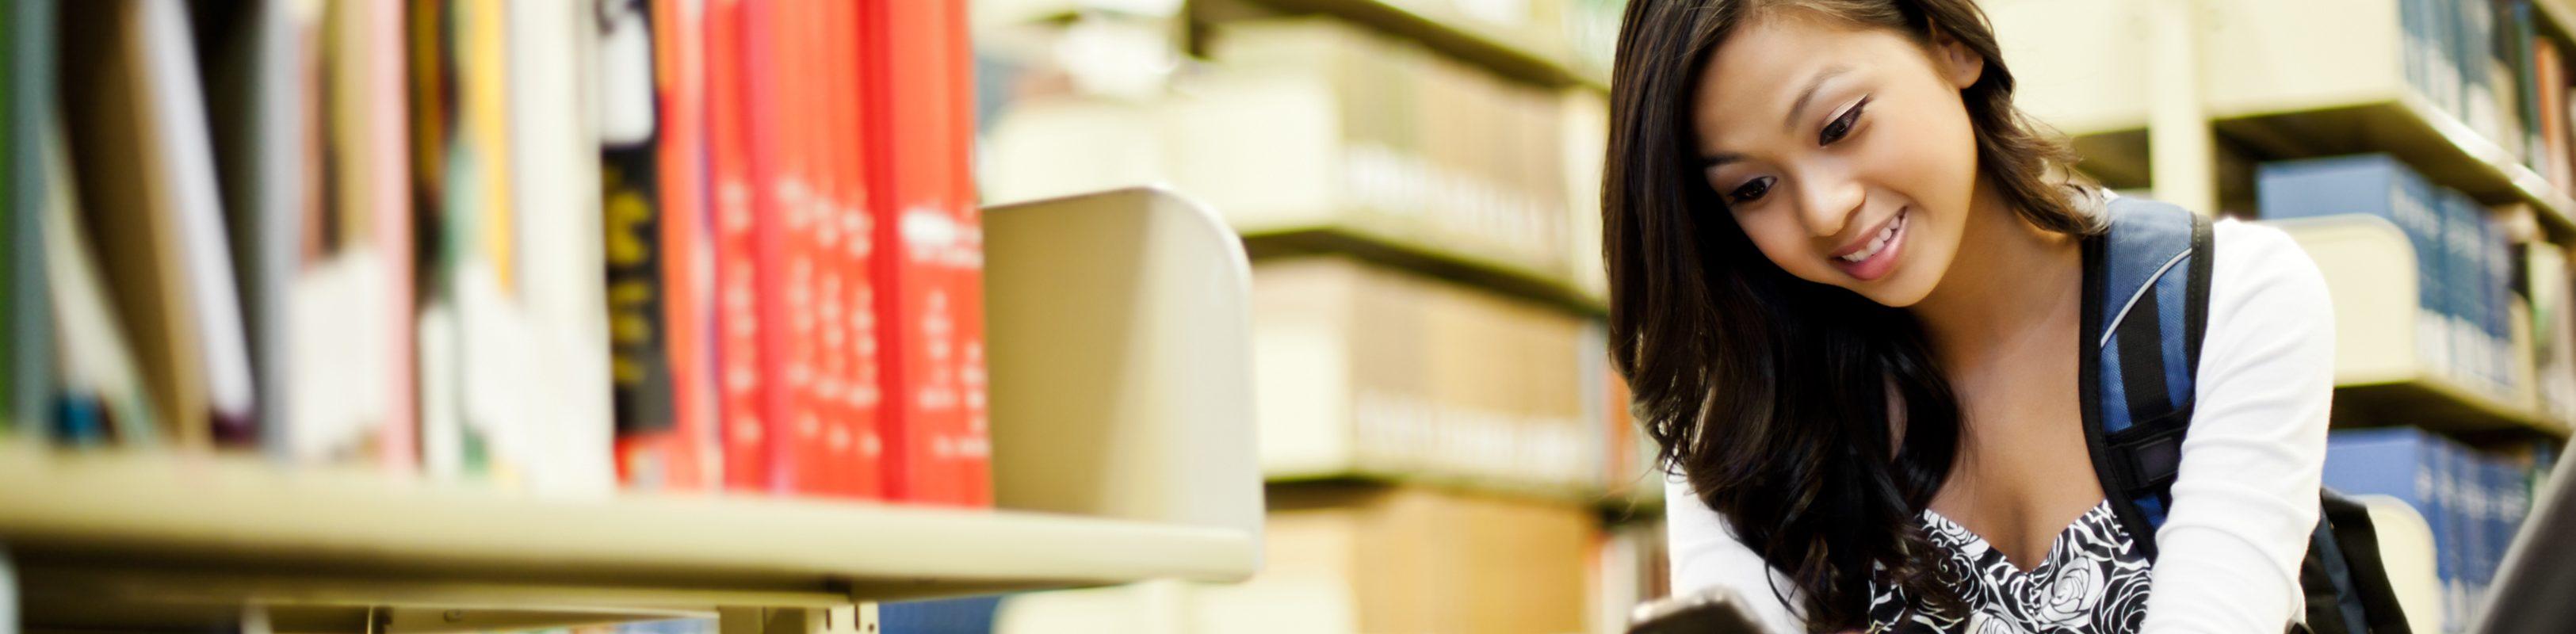 uma jovem lendo no celular em uma biblioteca